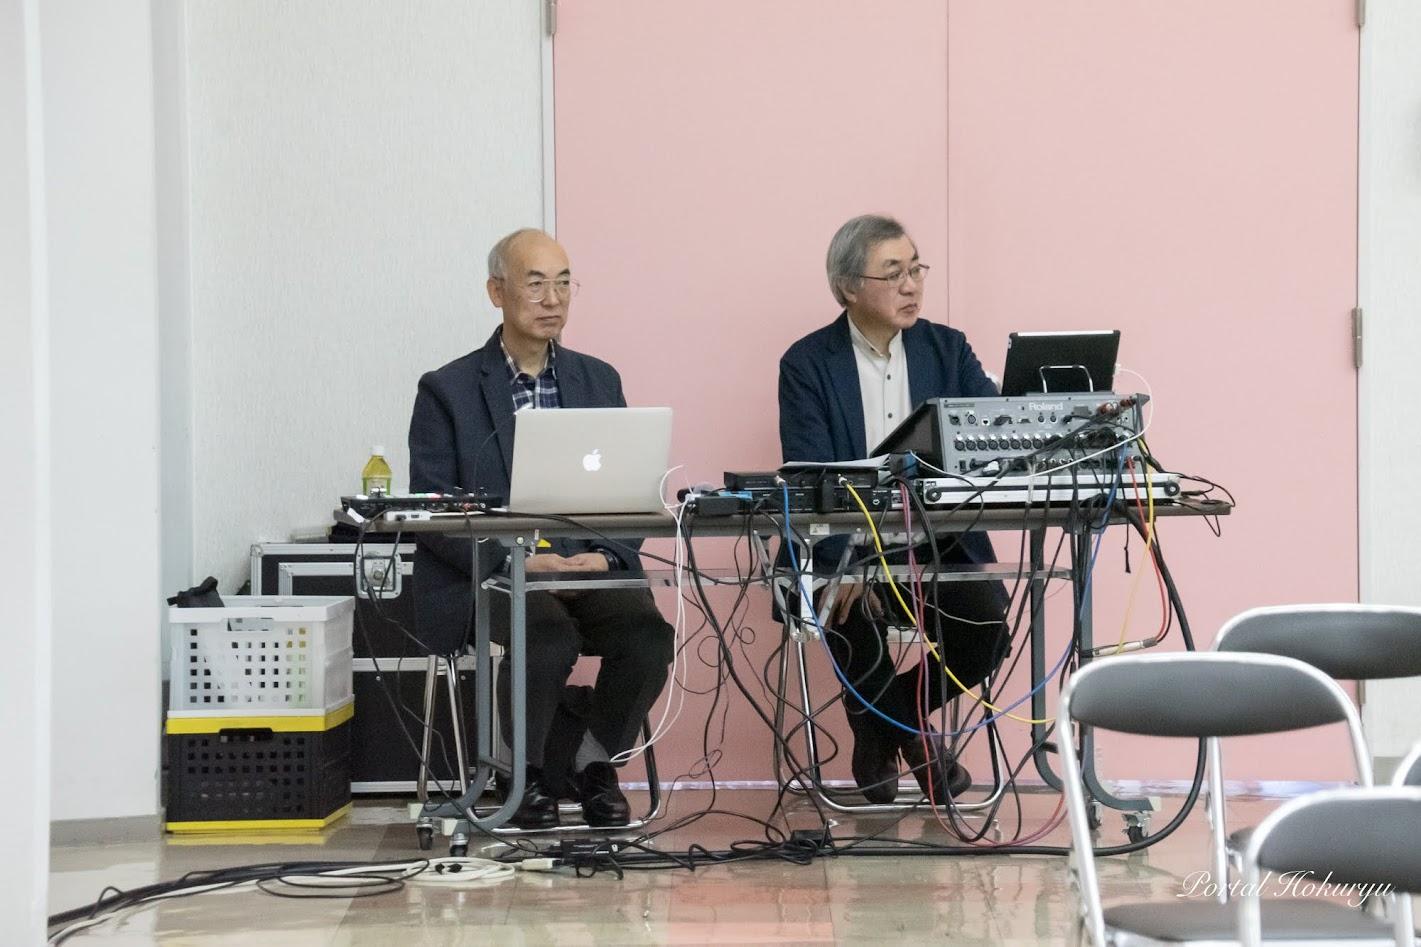 音響を担当されるプロフェッショナルな専門家